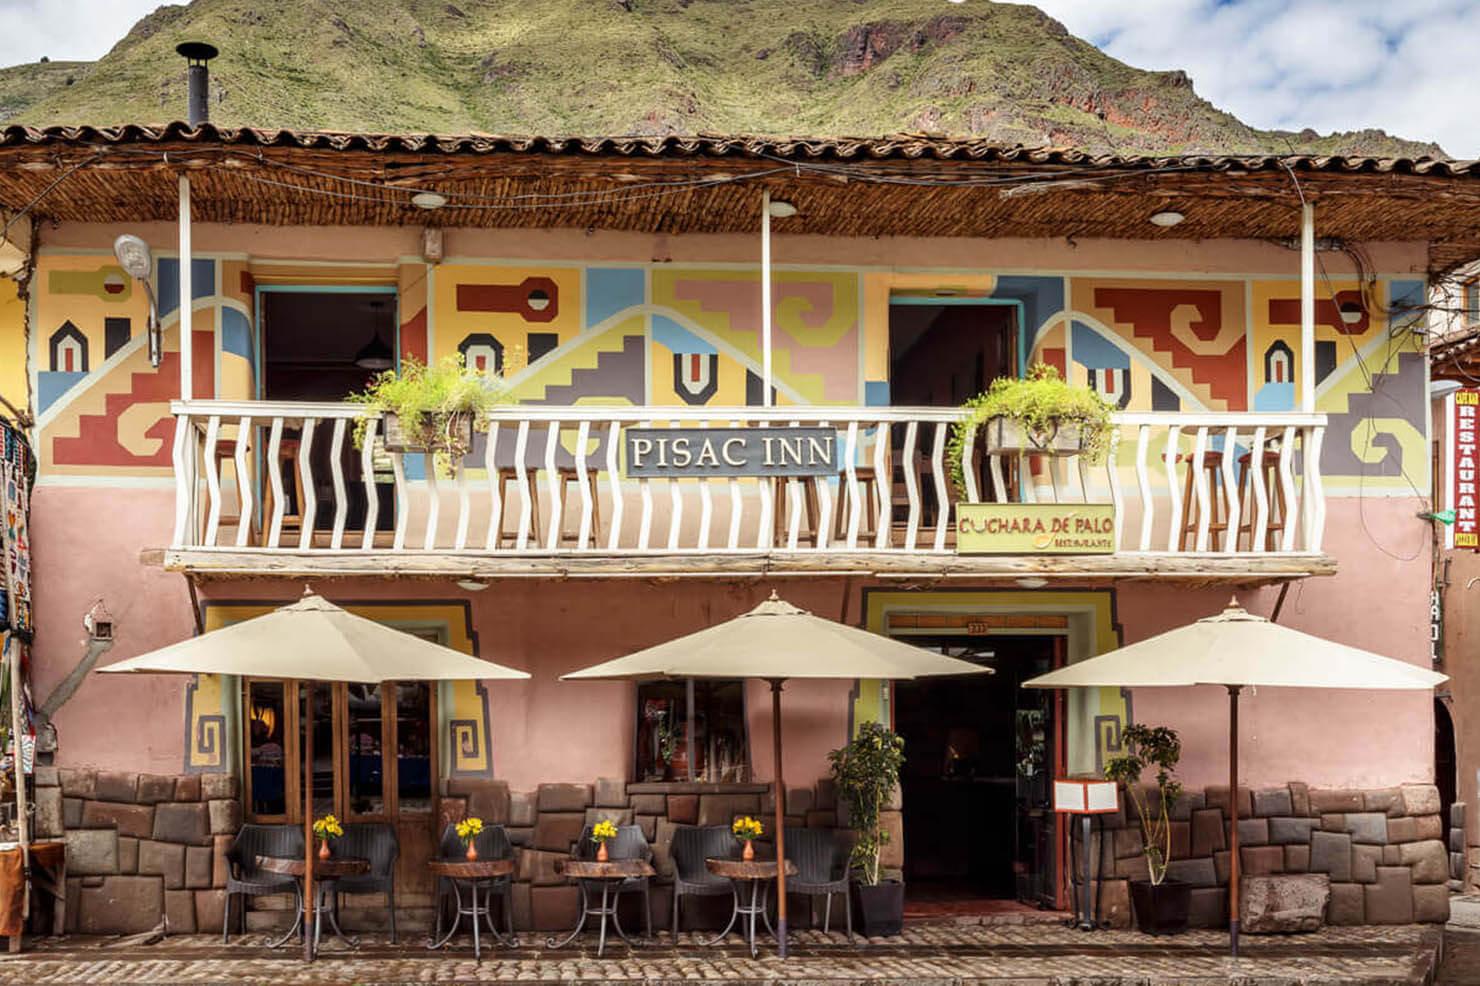 Pisac Inn, Cusco